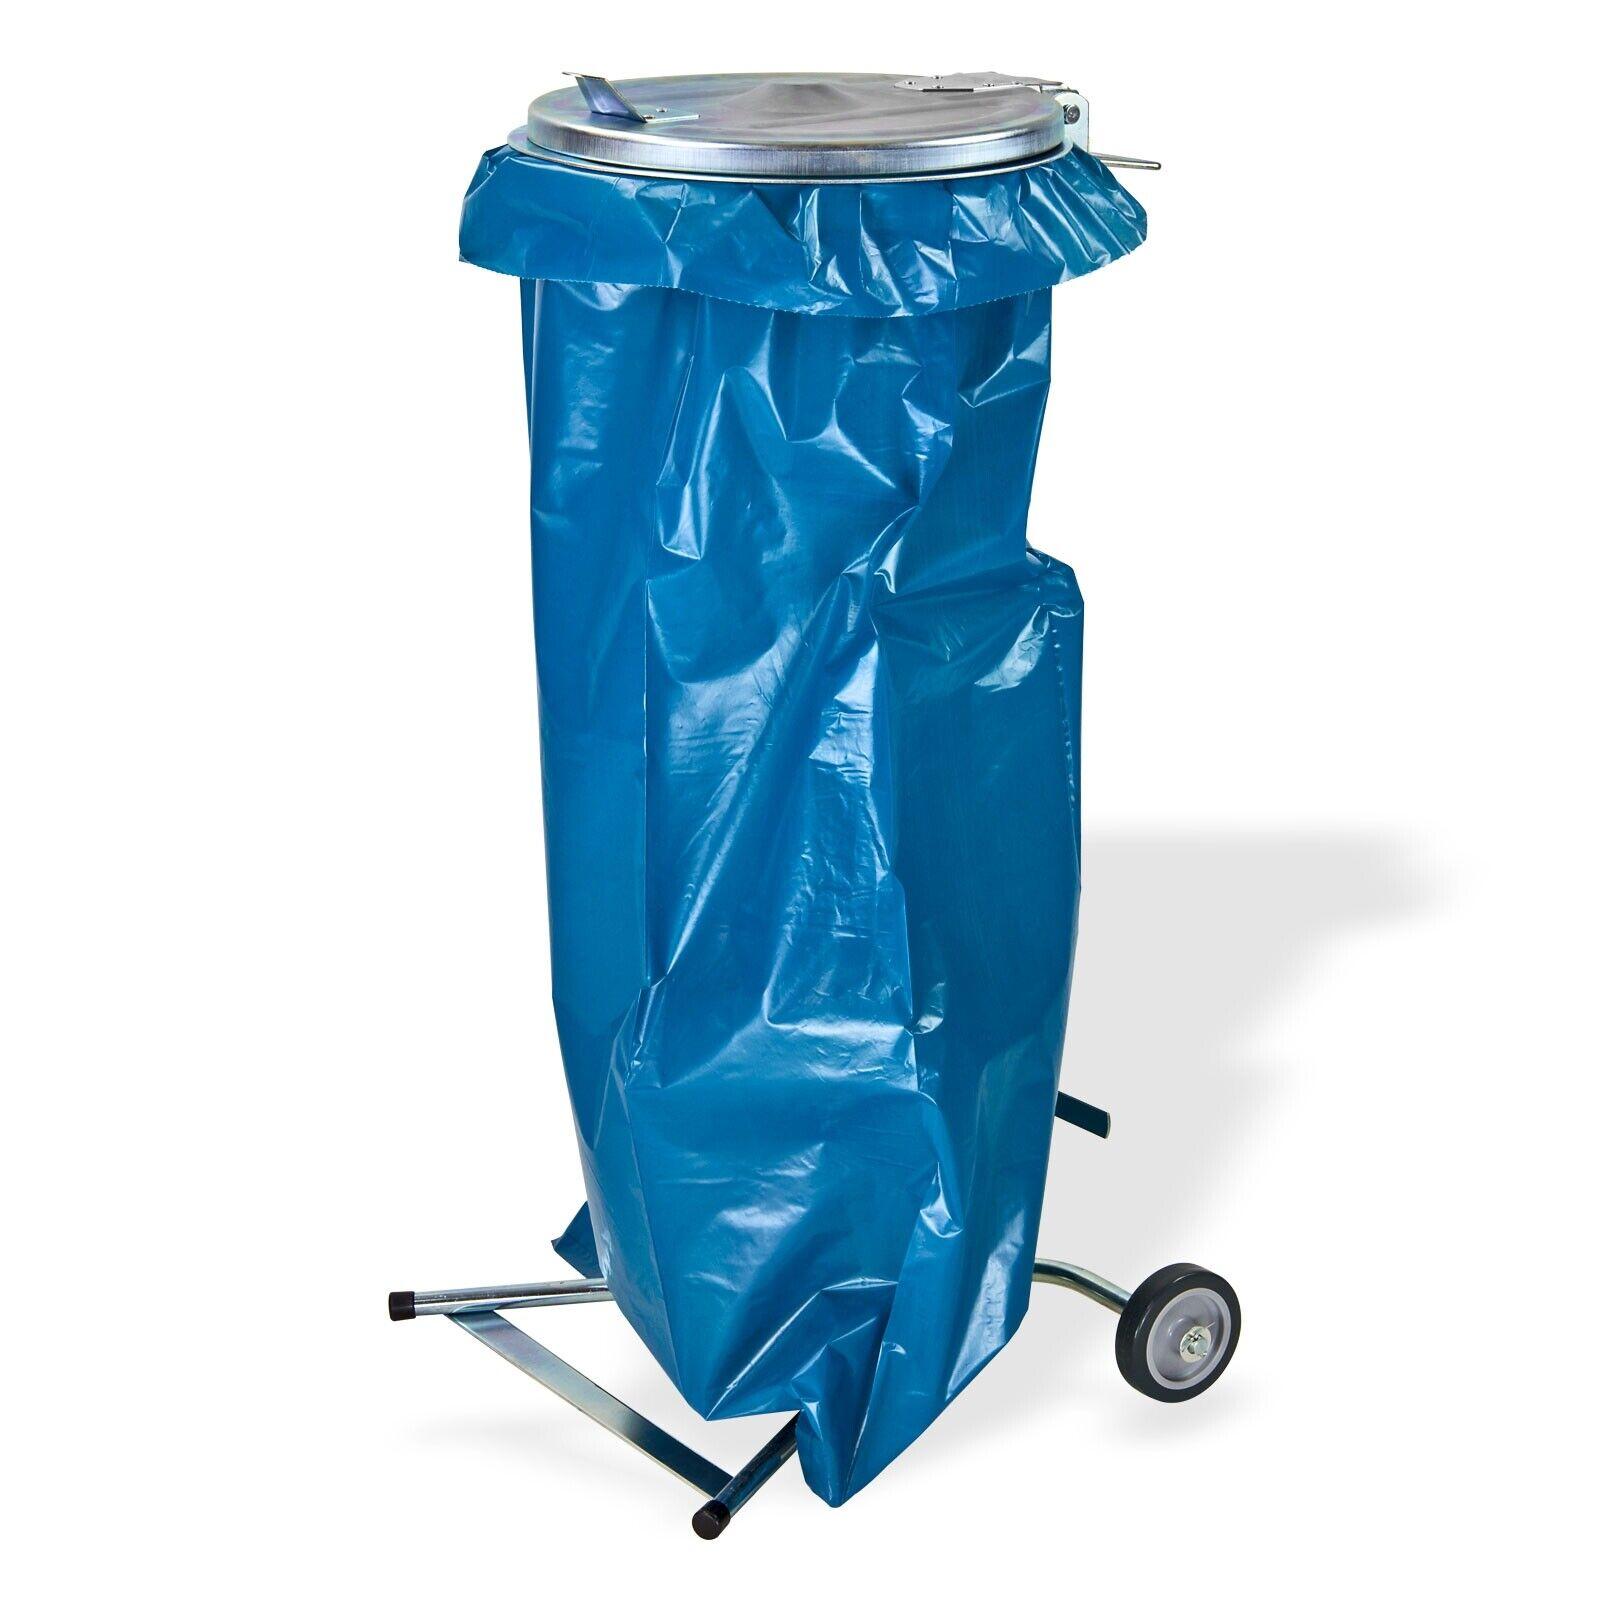 Müllsackständer Müllsackhalter Metall gelber Sack Abfallsammler fahrbar 120 l